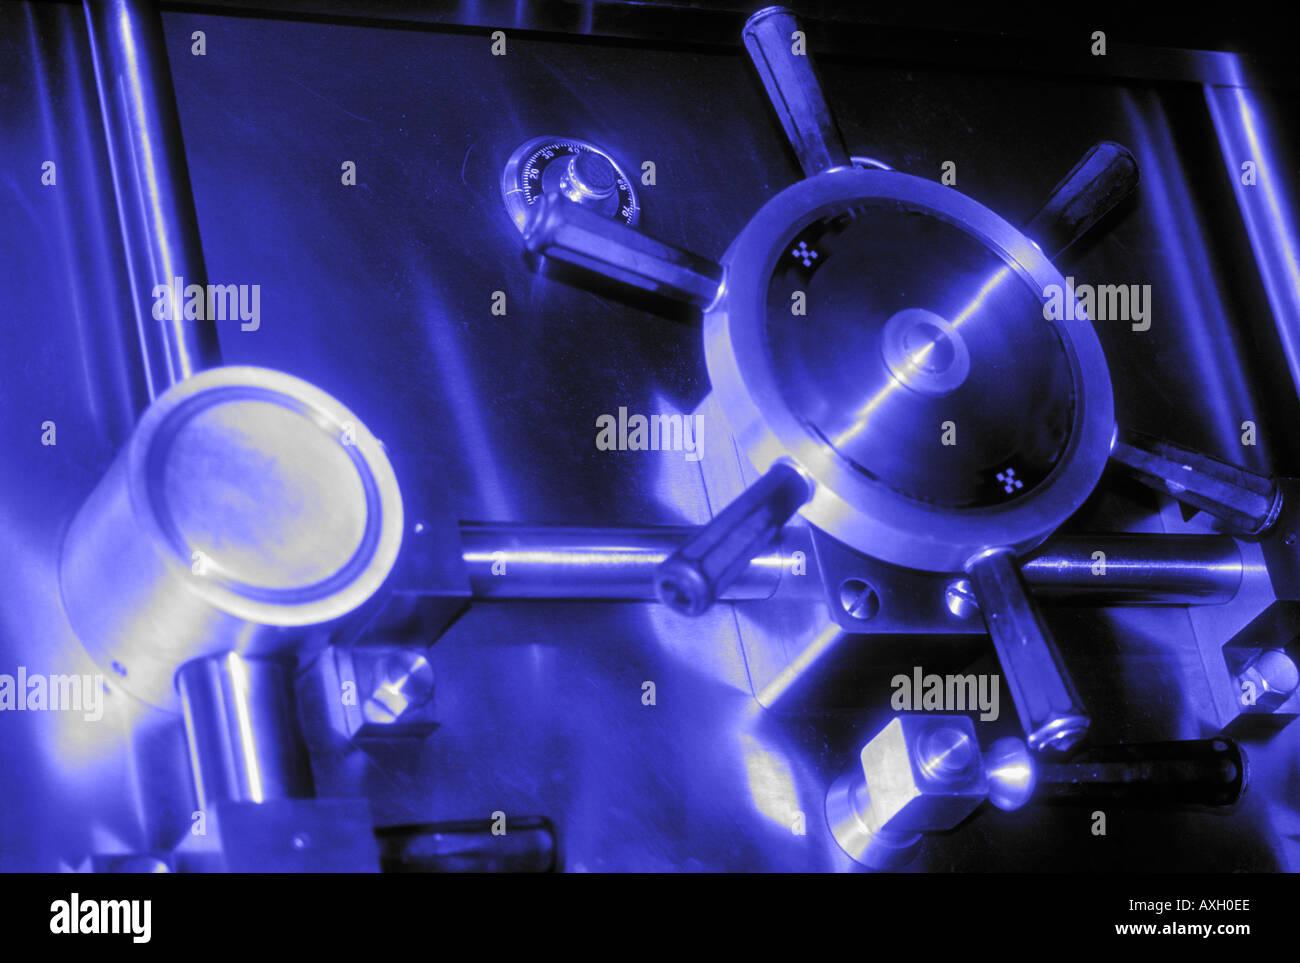 Vault porta in banca concetto astratto del tono di colore blu Immagini Stock